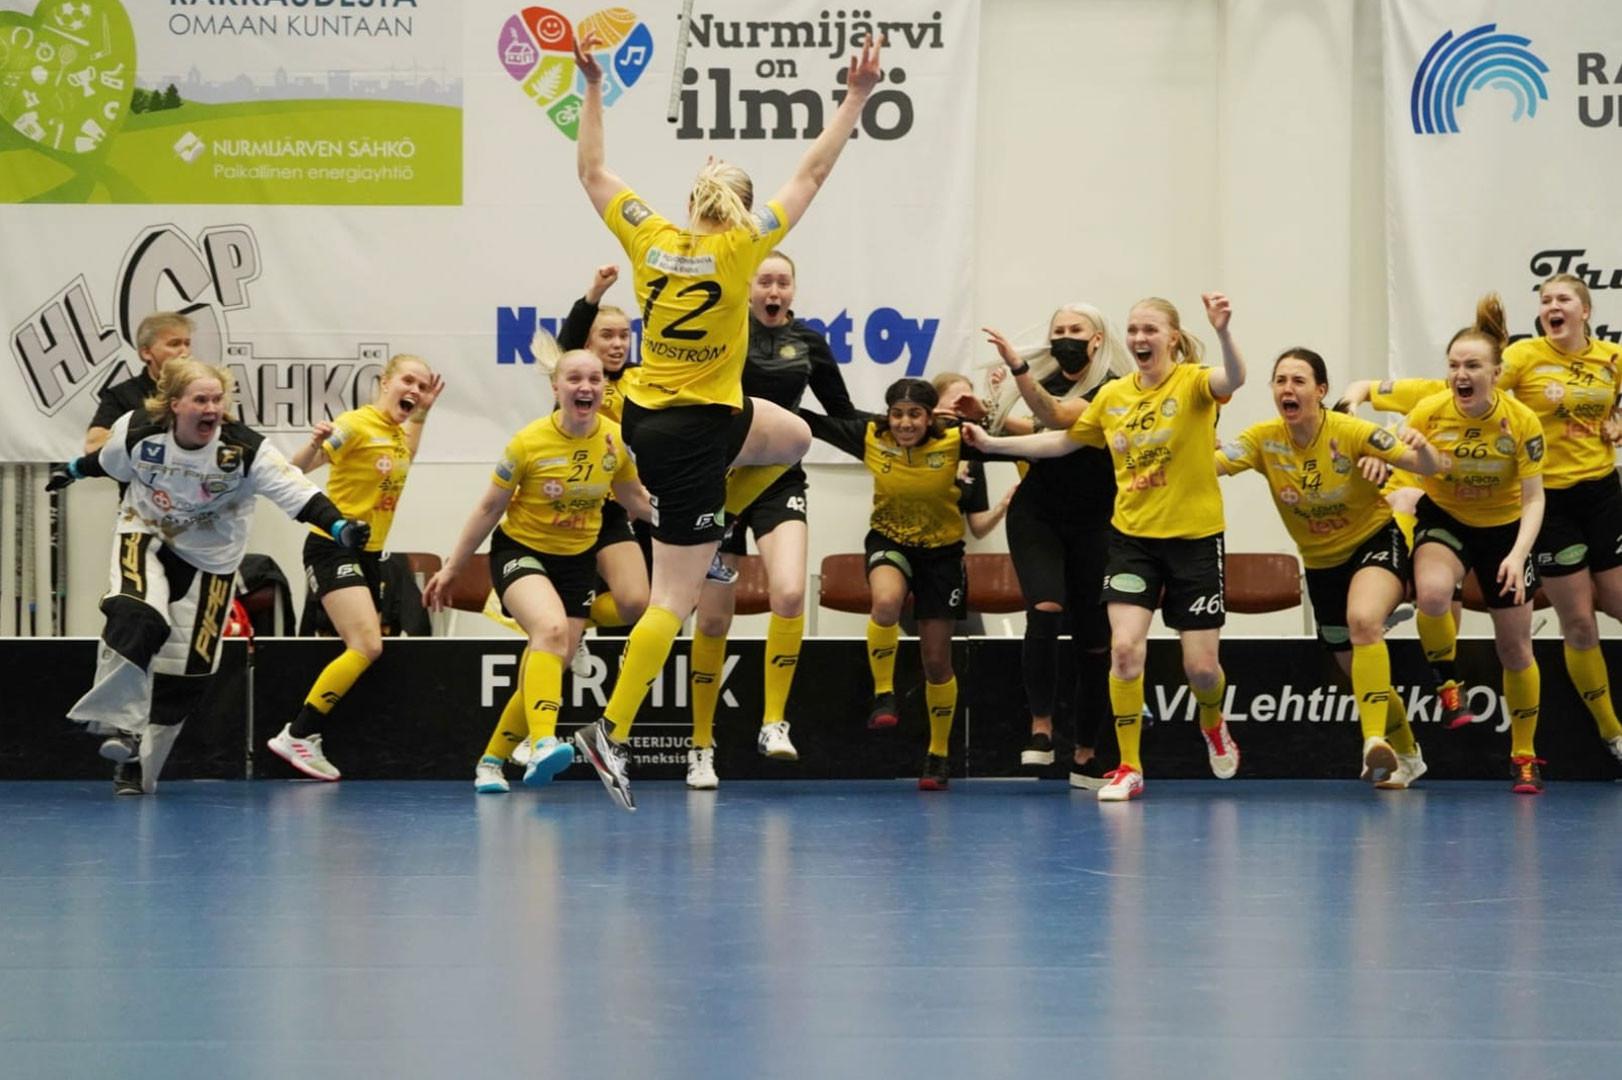 PSS freut sich über den gewonnenen finnischen Meistertitel in der F-Liiga